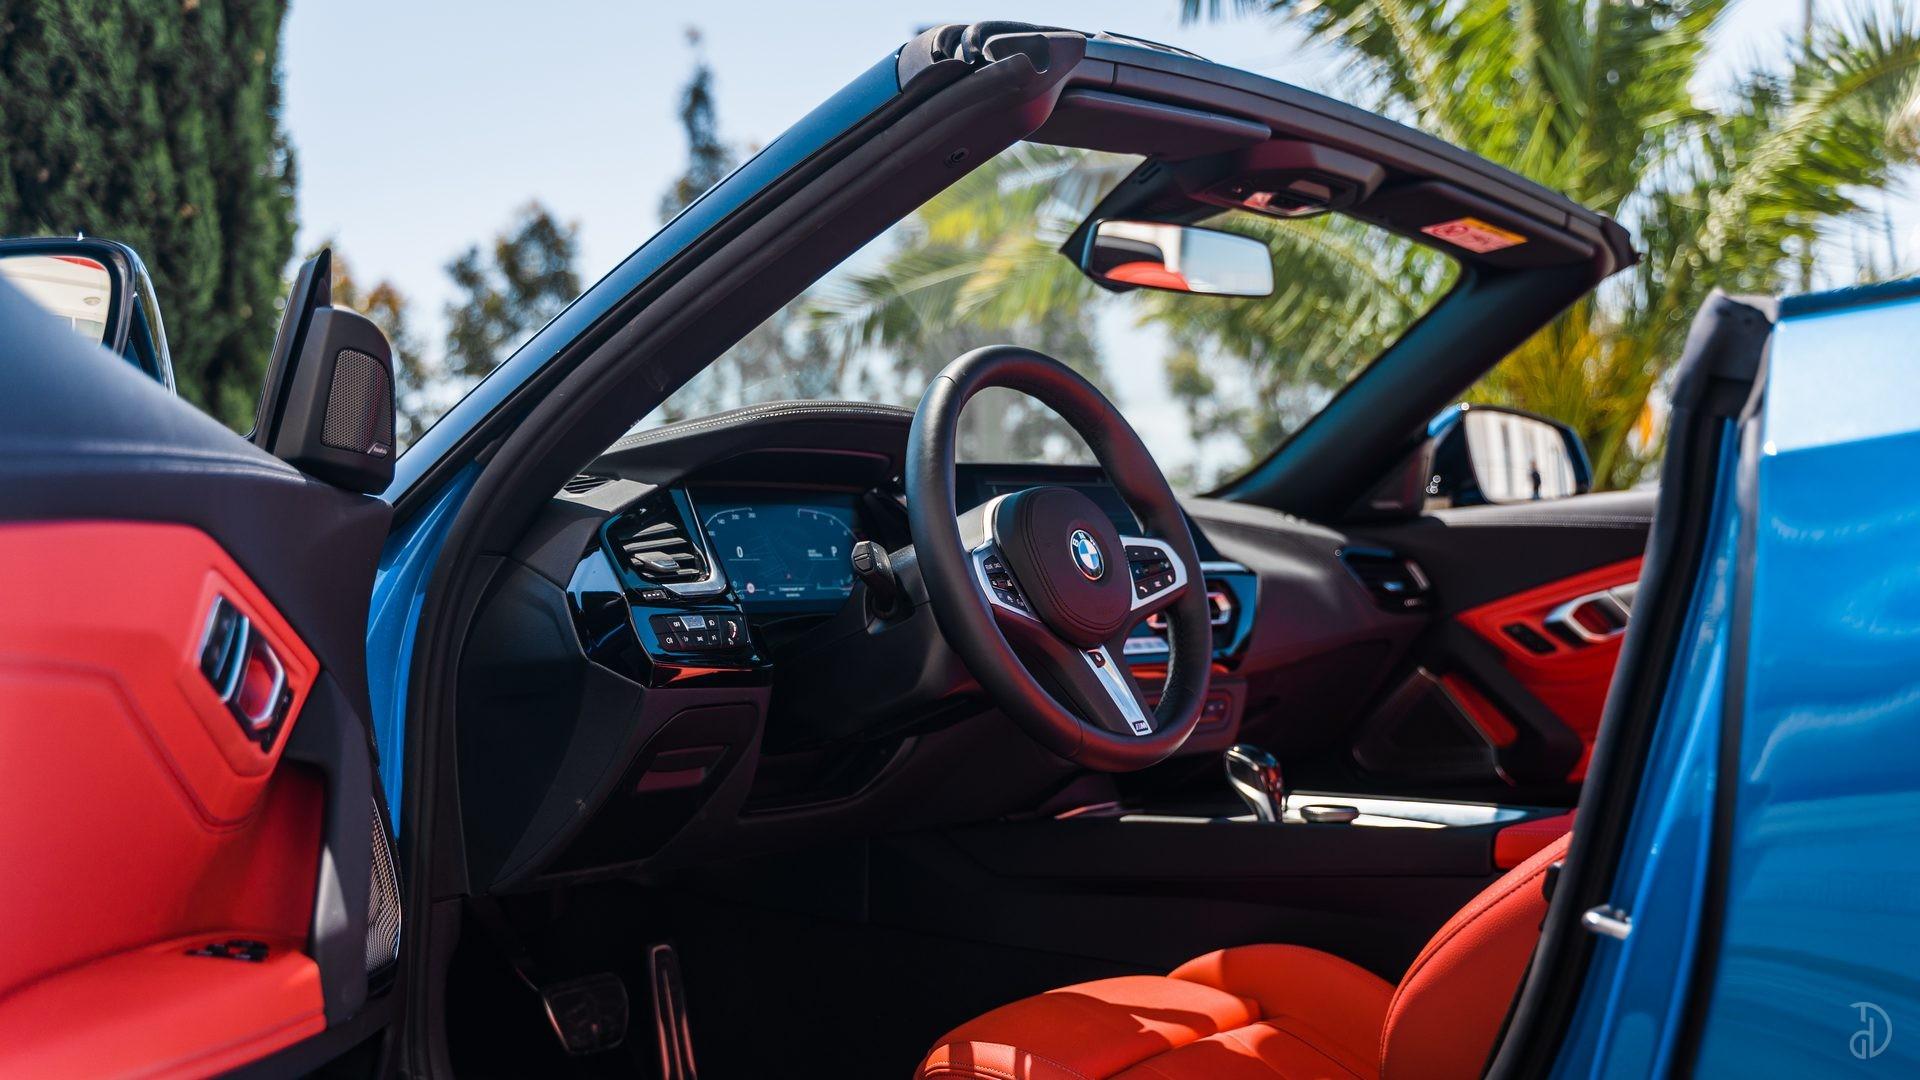 Аренда BMW Z4 Roadster (30i) в Сочи. Фото 14